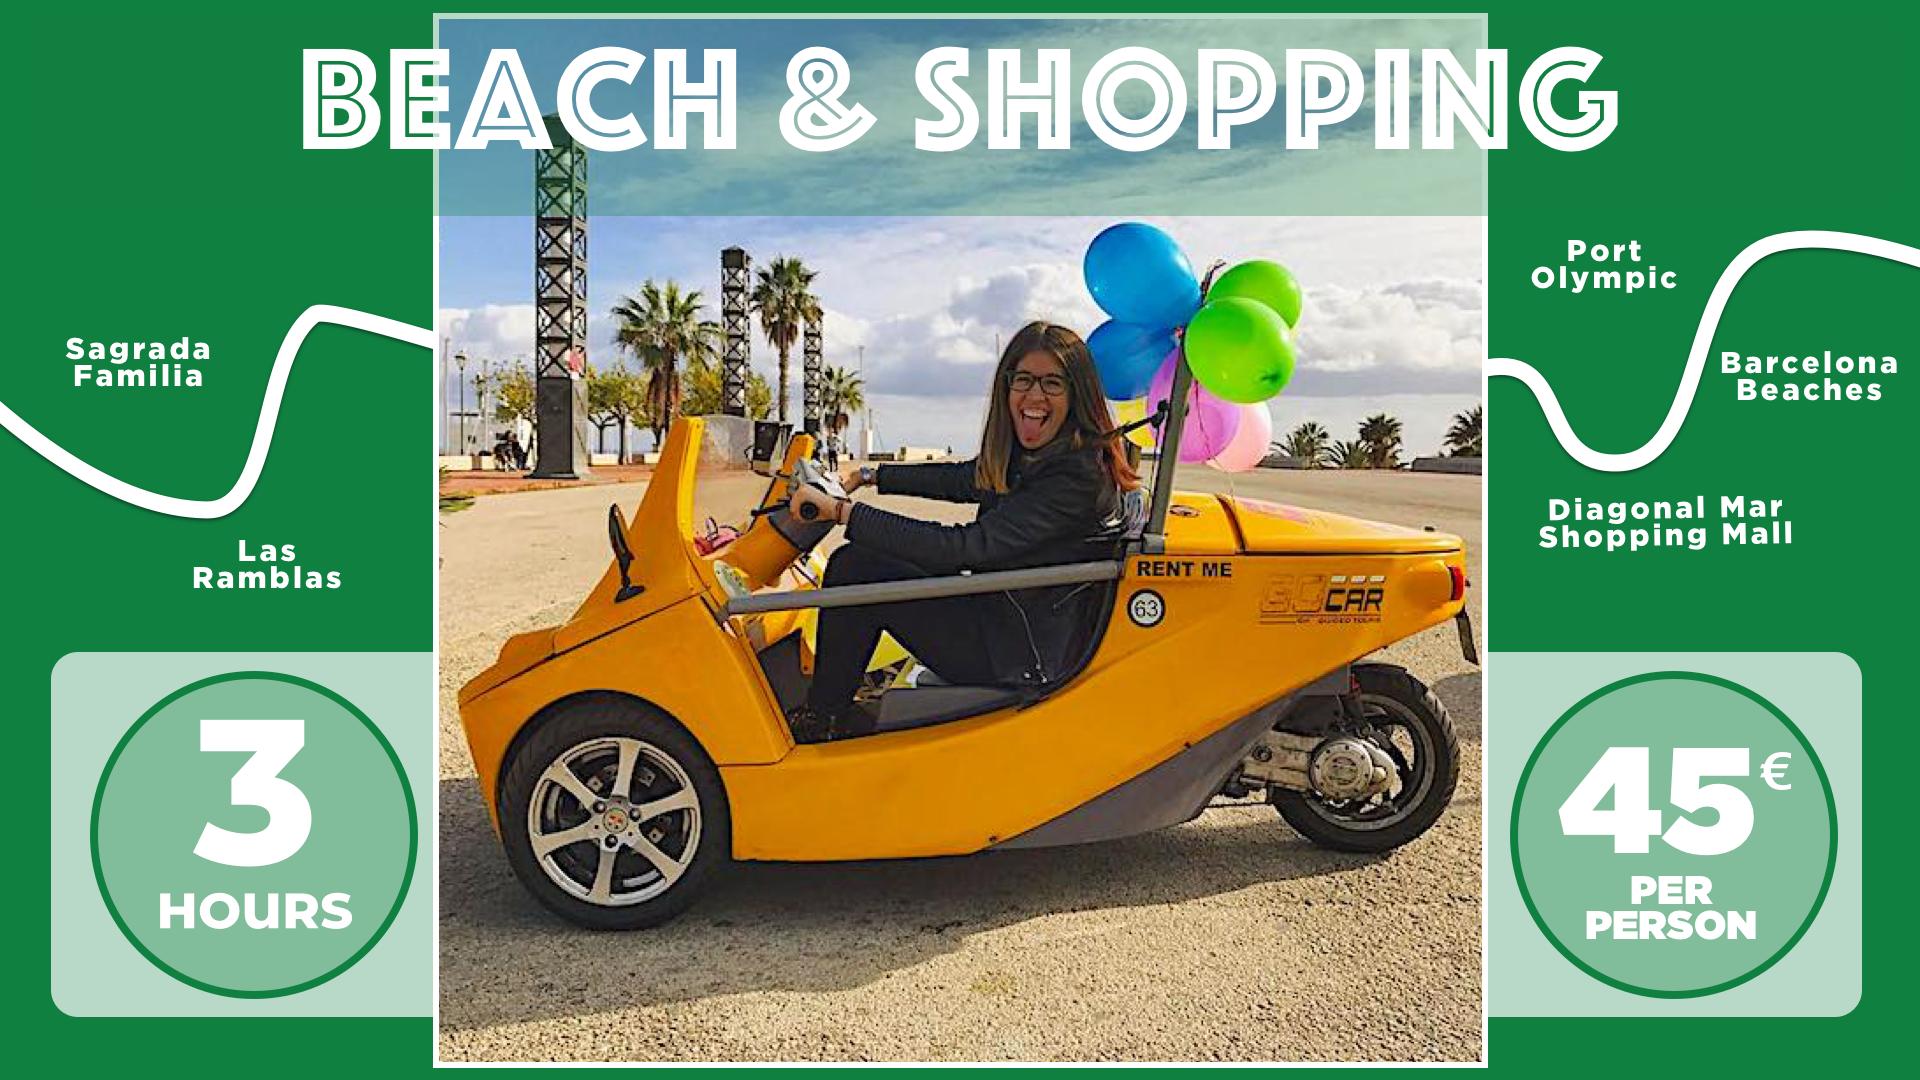 Beach & Shopping Tour